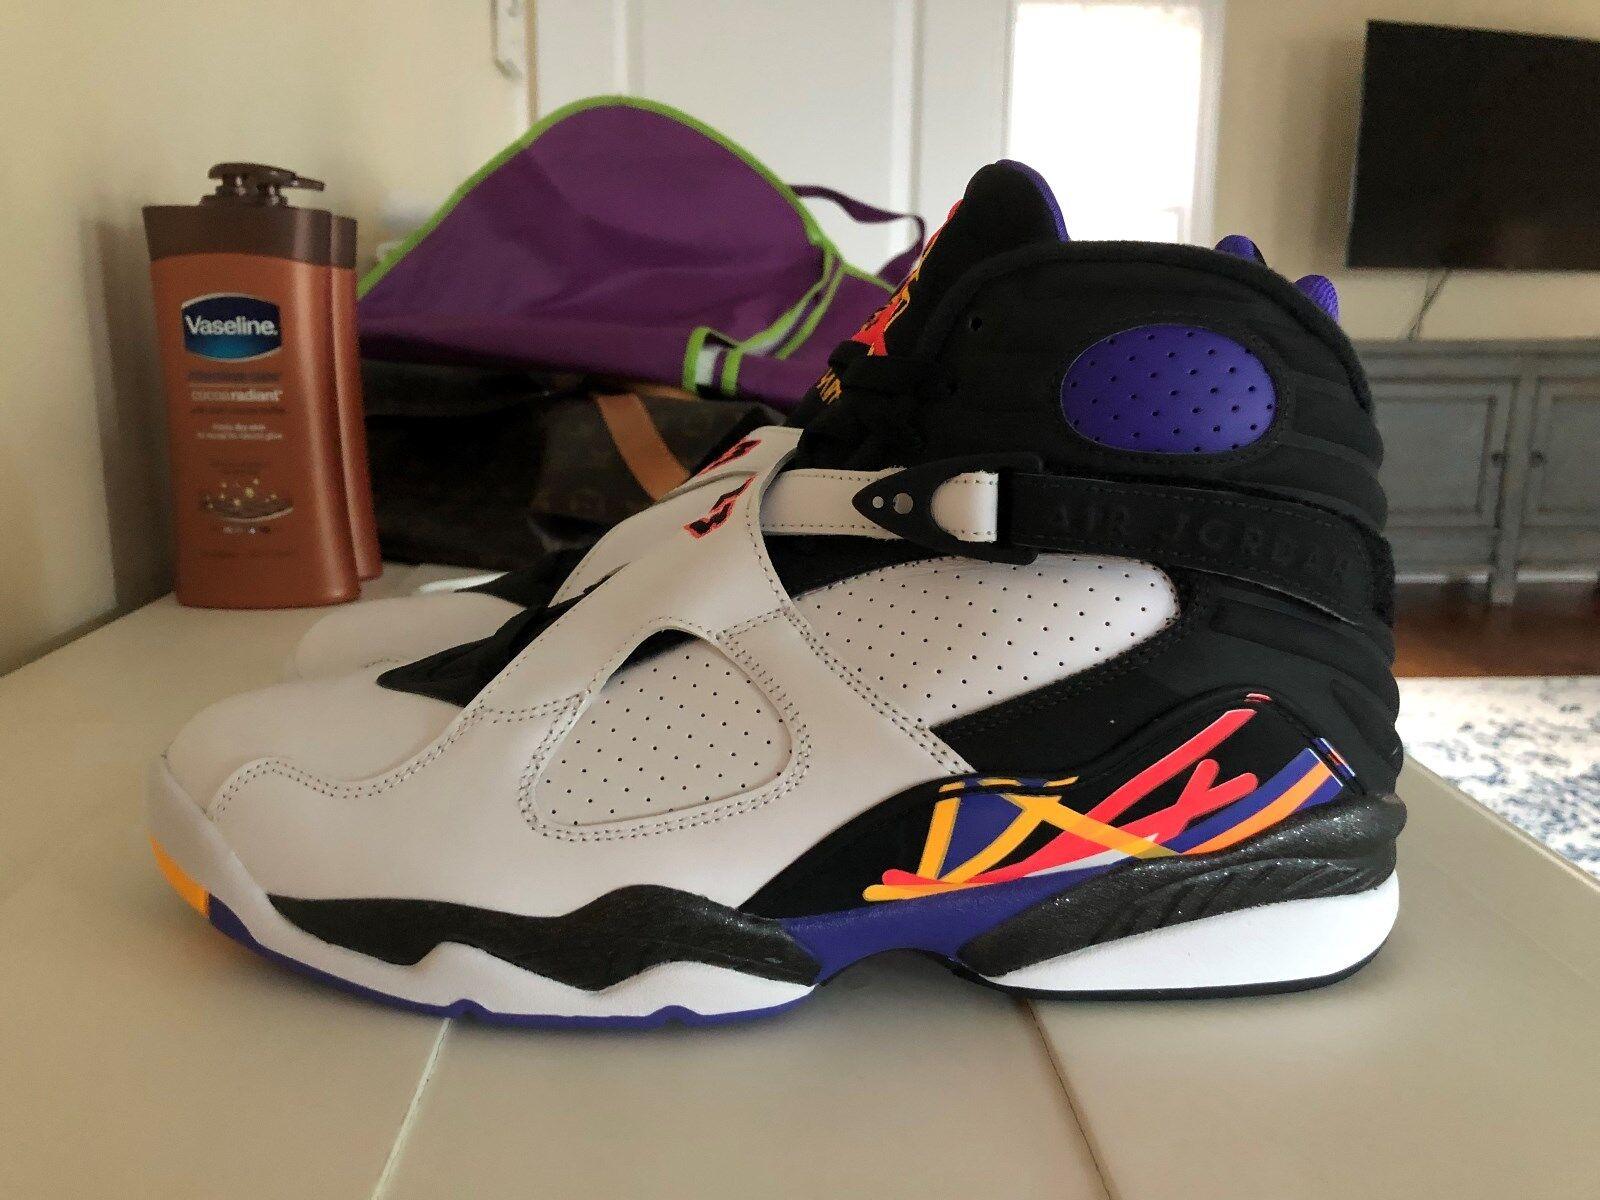 Nike Air Jordan 8 XIII RETRO